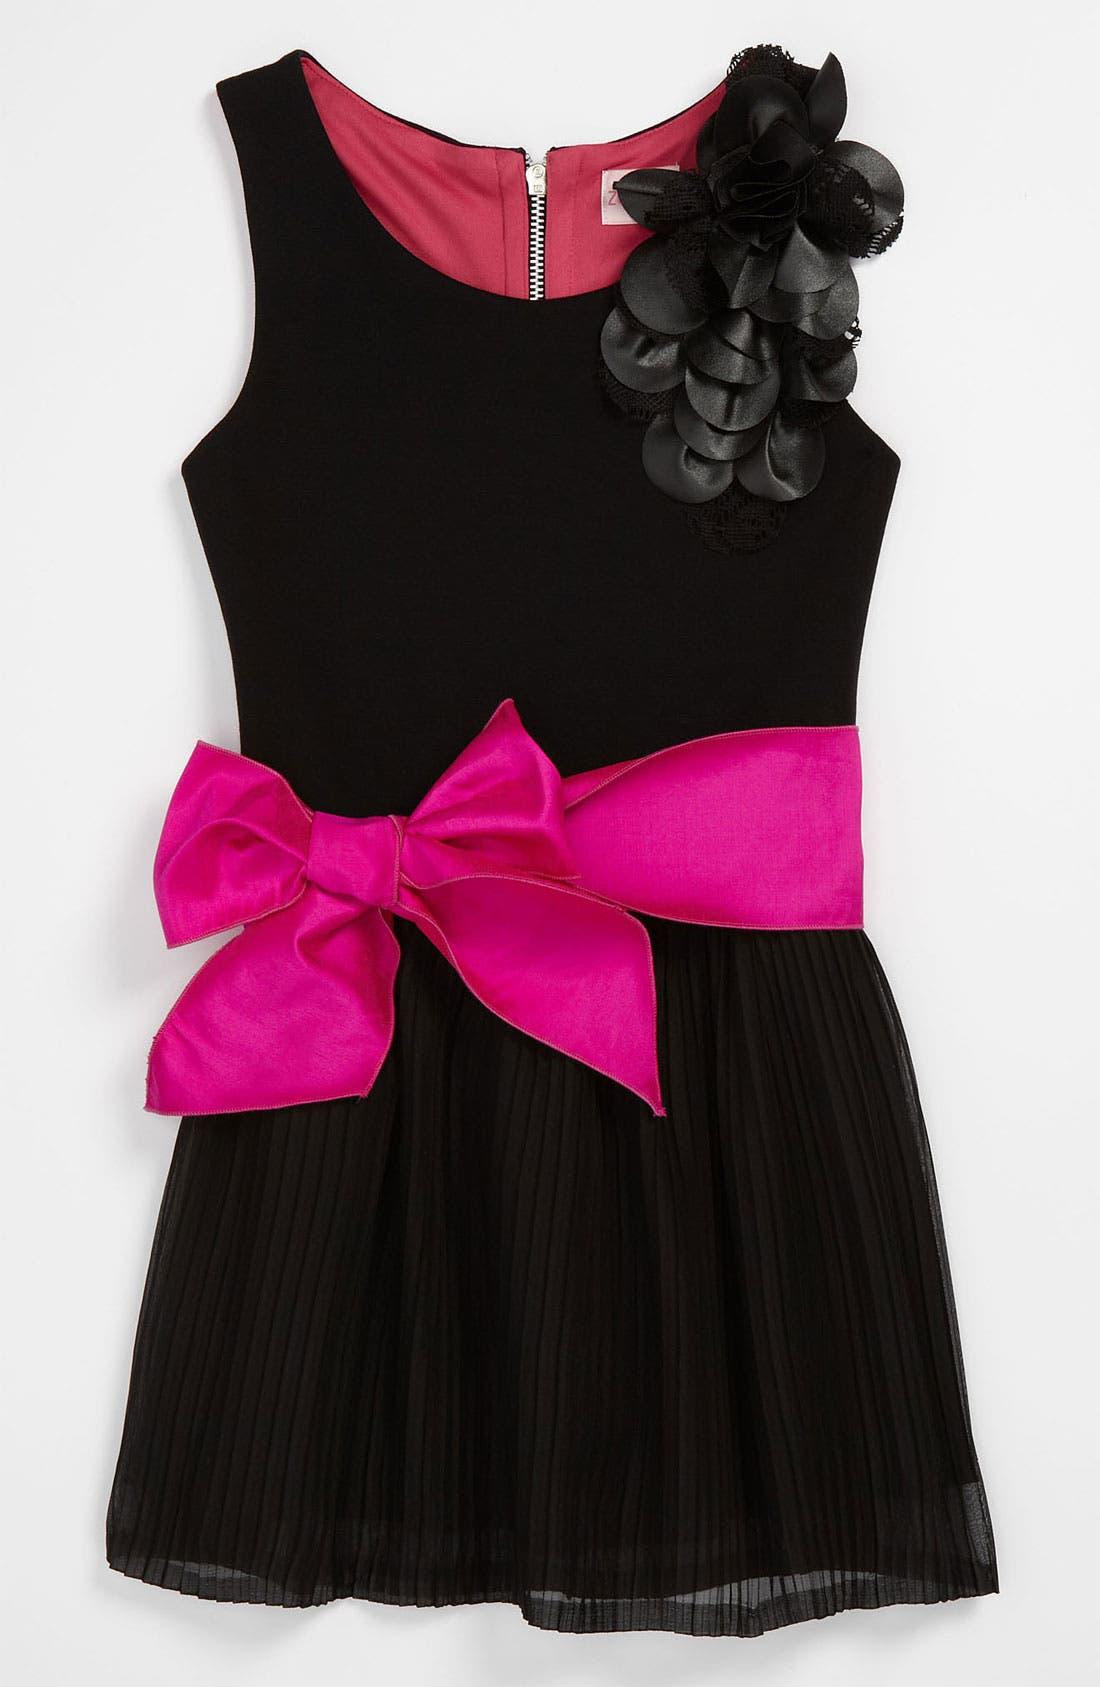 Main Image - Zoe Ltd Chiffon Ruffle Dress (Big Girls)